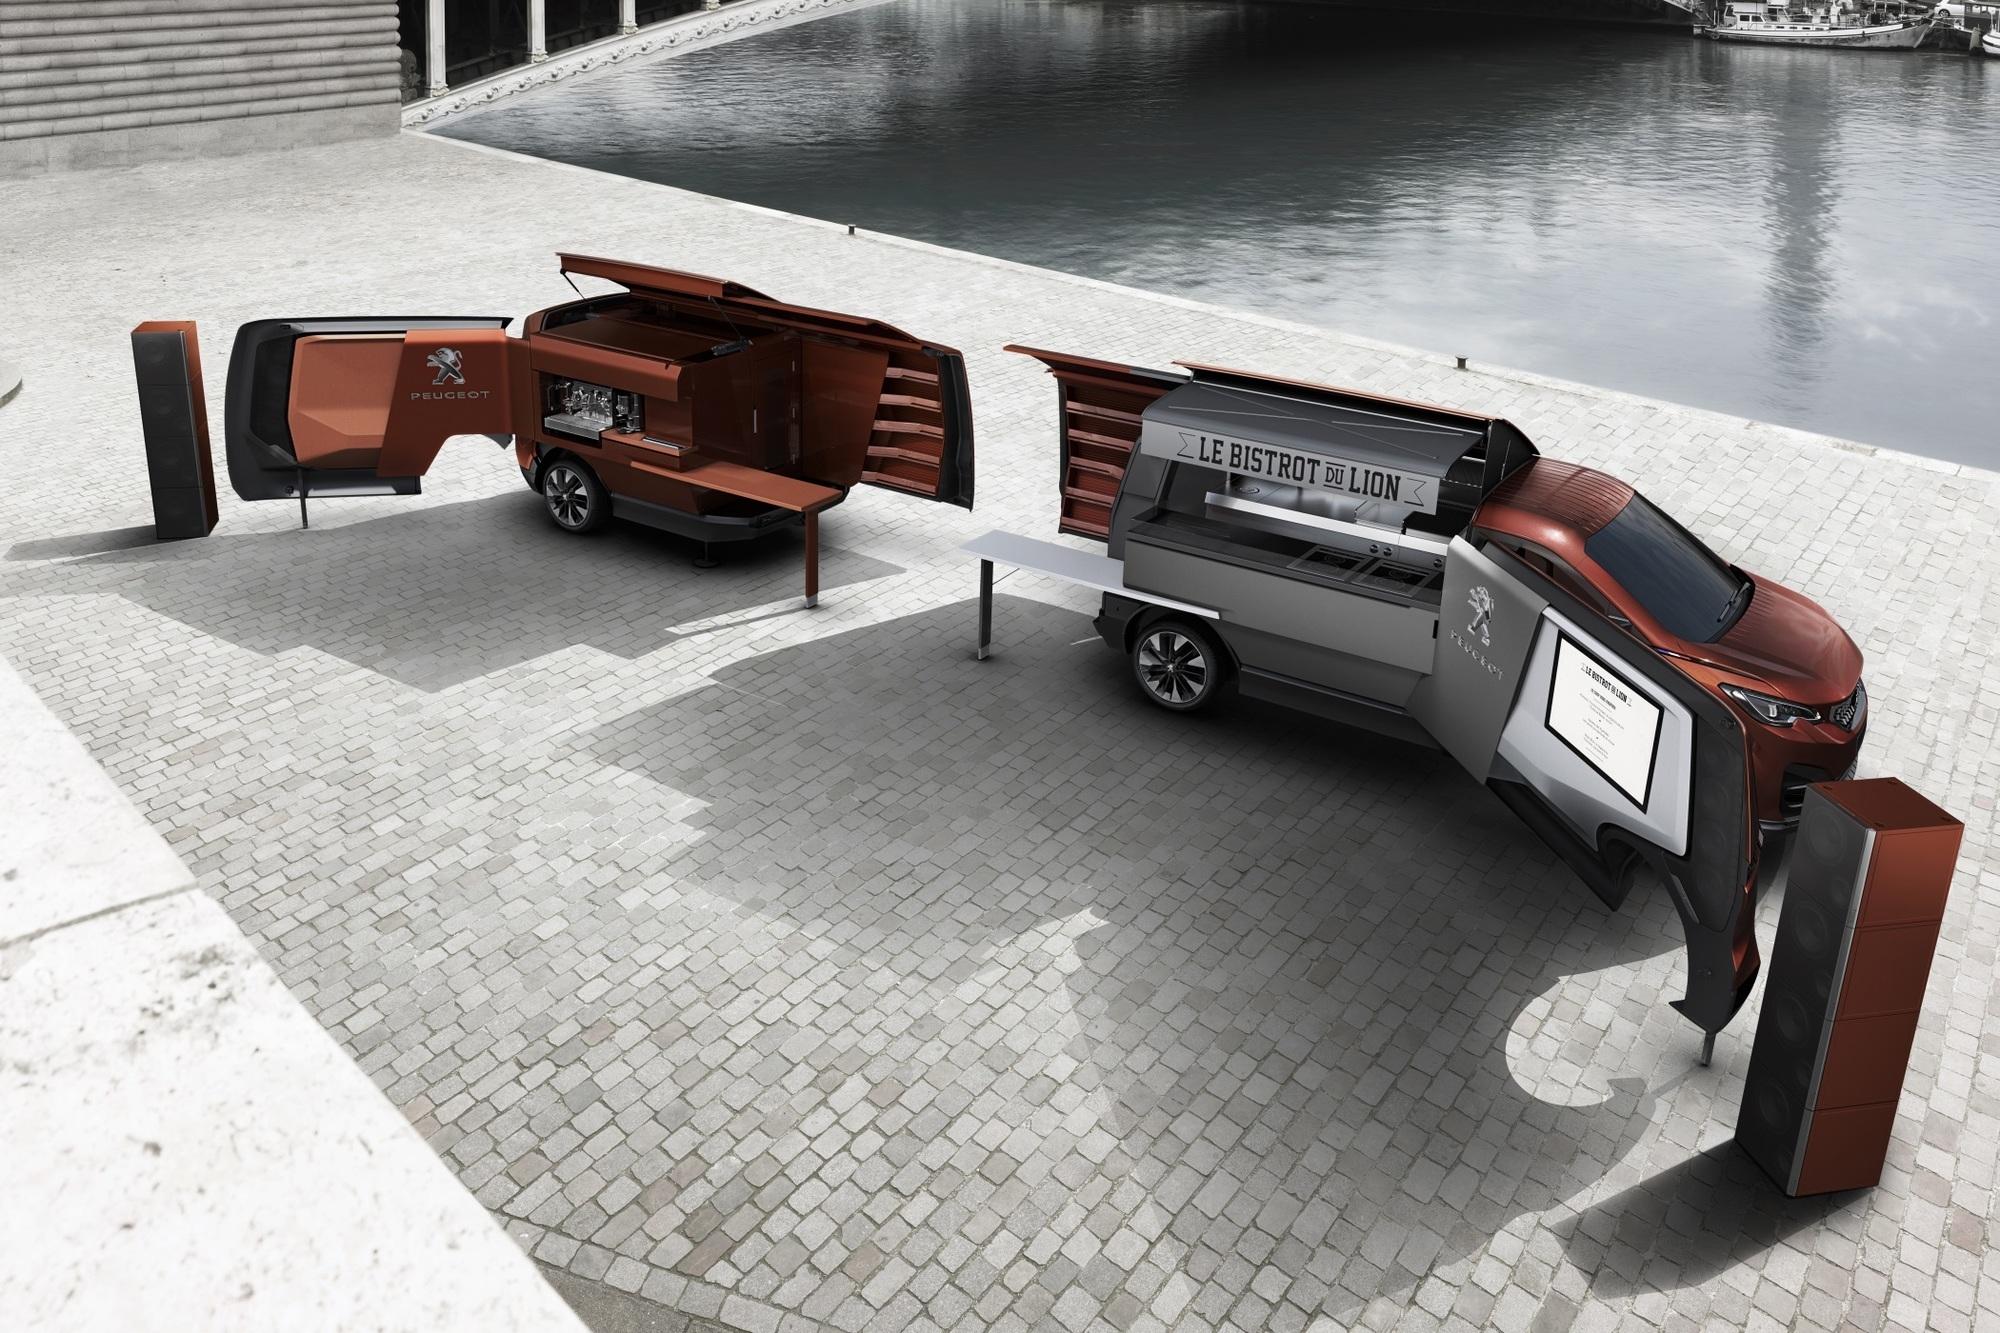 Peugeot Foodtruck - Essen auf Rädern